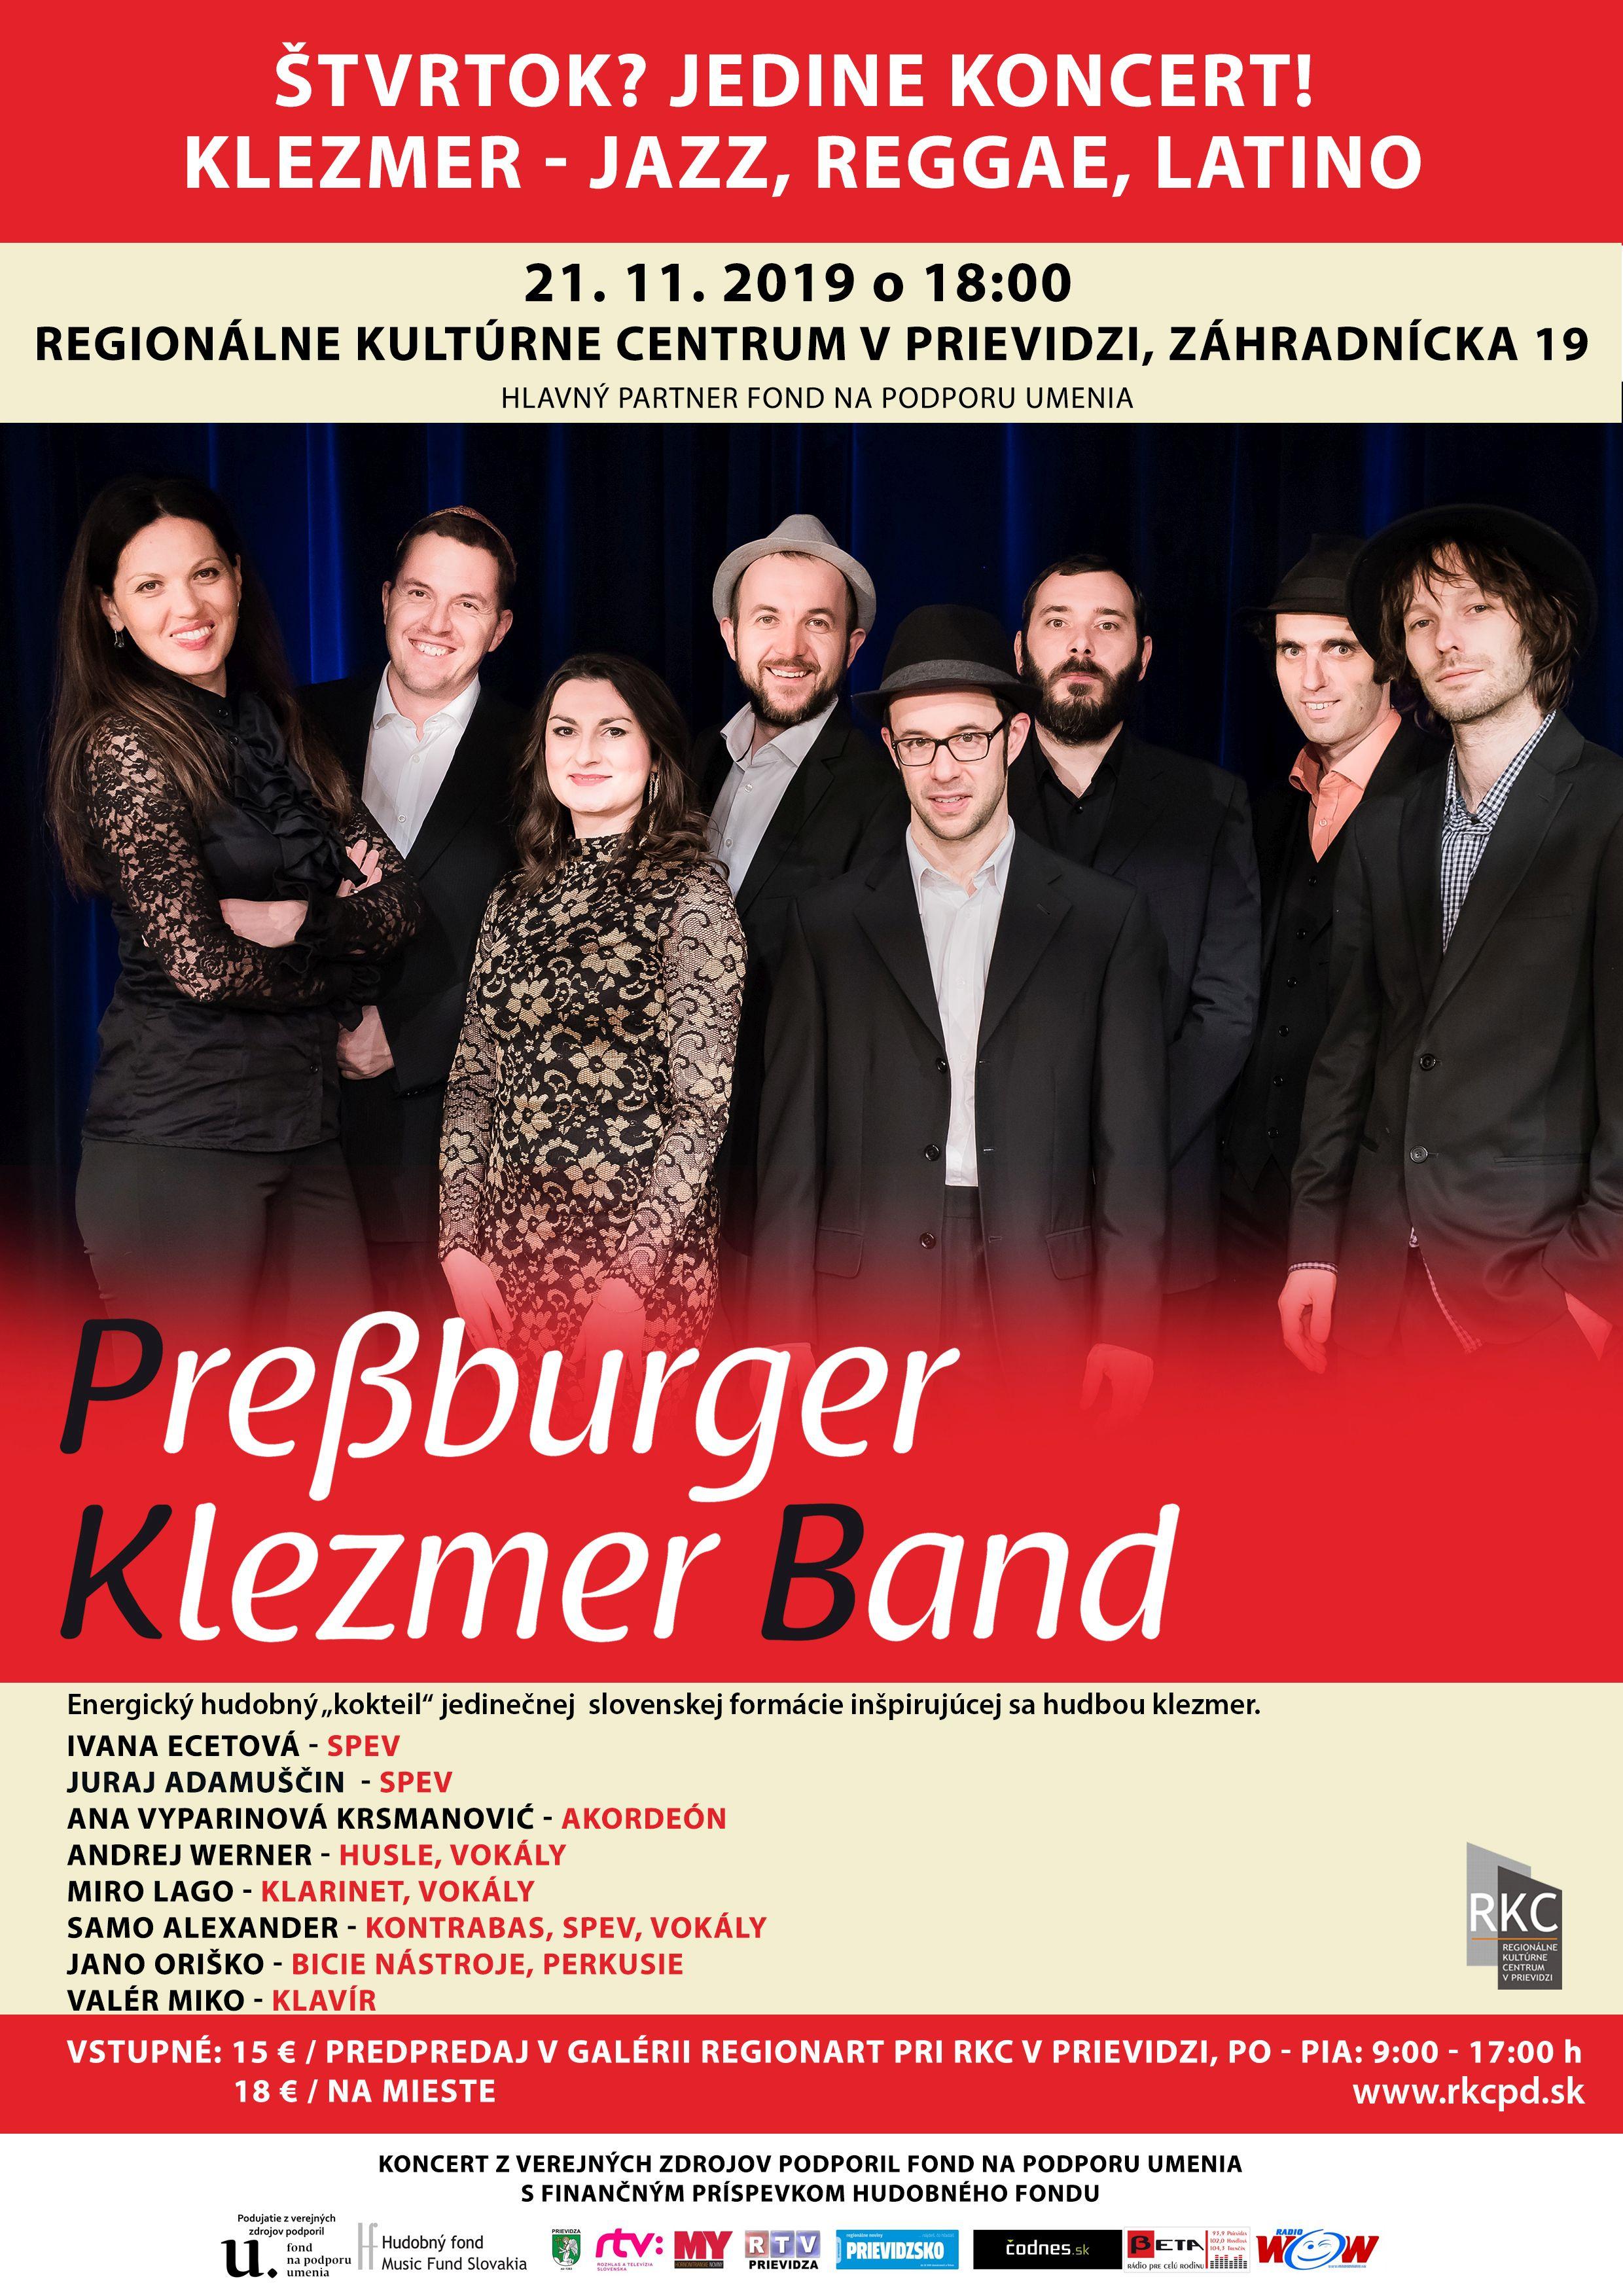 Štvrtok? Jedine koncert! klezmer - jazz, reggae, latino: Preßburger Klezmer Band